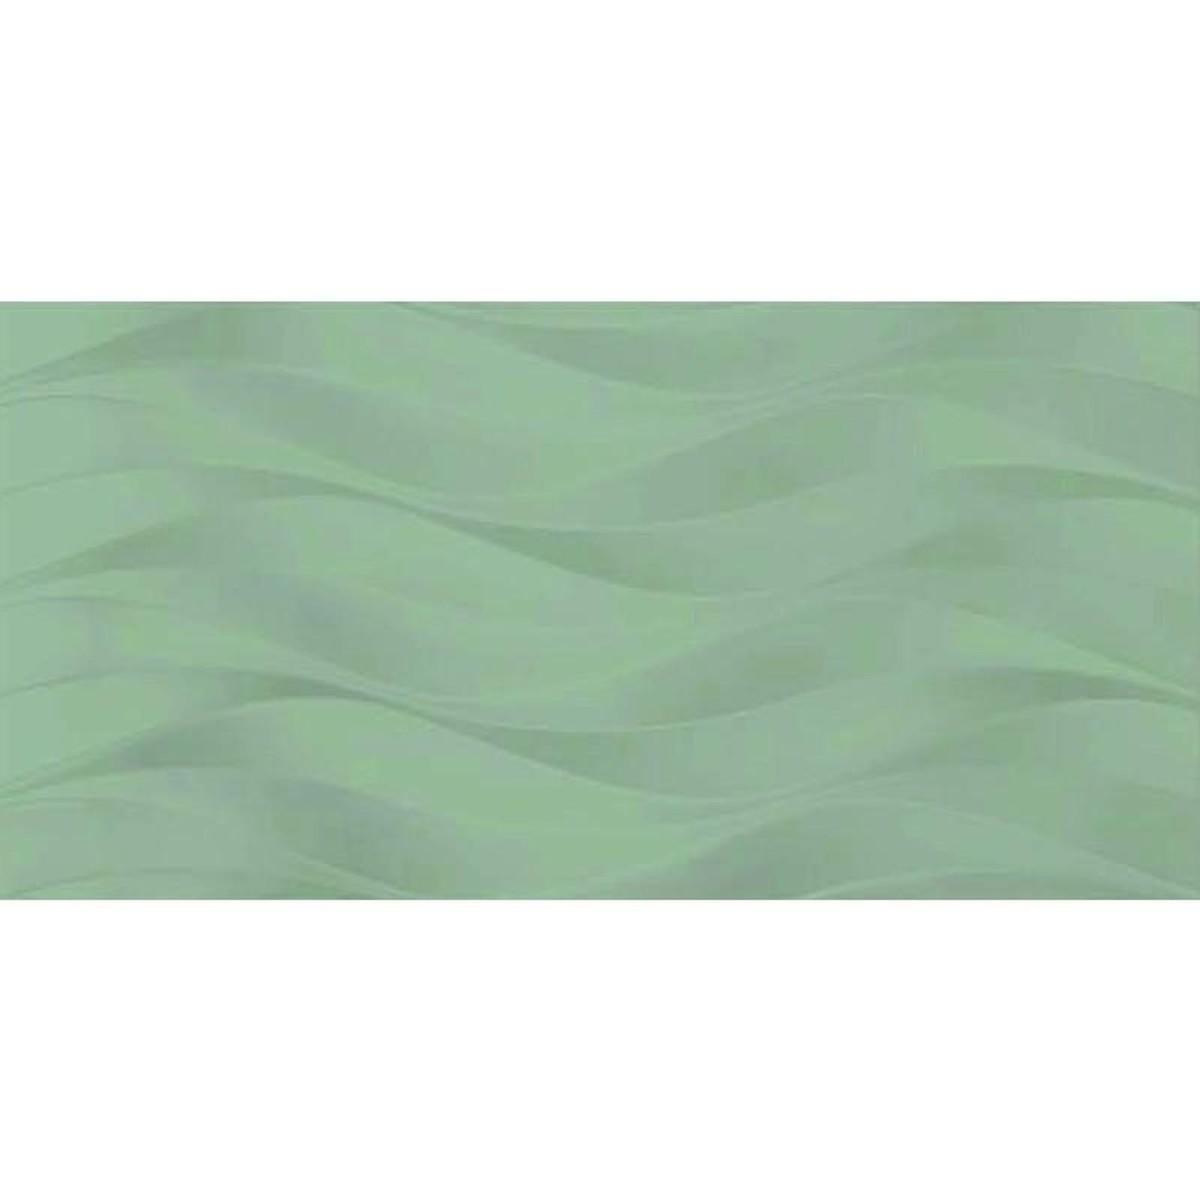 Плитка настенная Онде Олива 20.1х40.5 см 1.14 м2 цвет зеленый